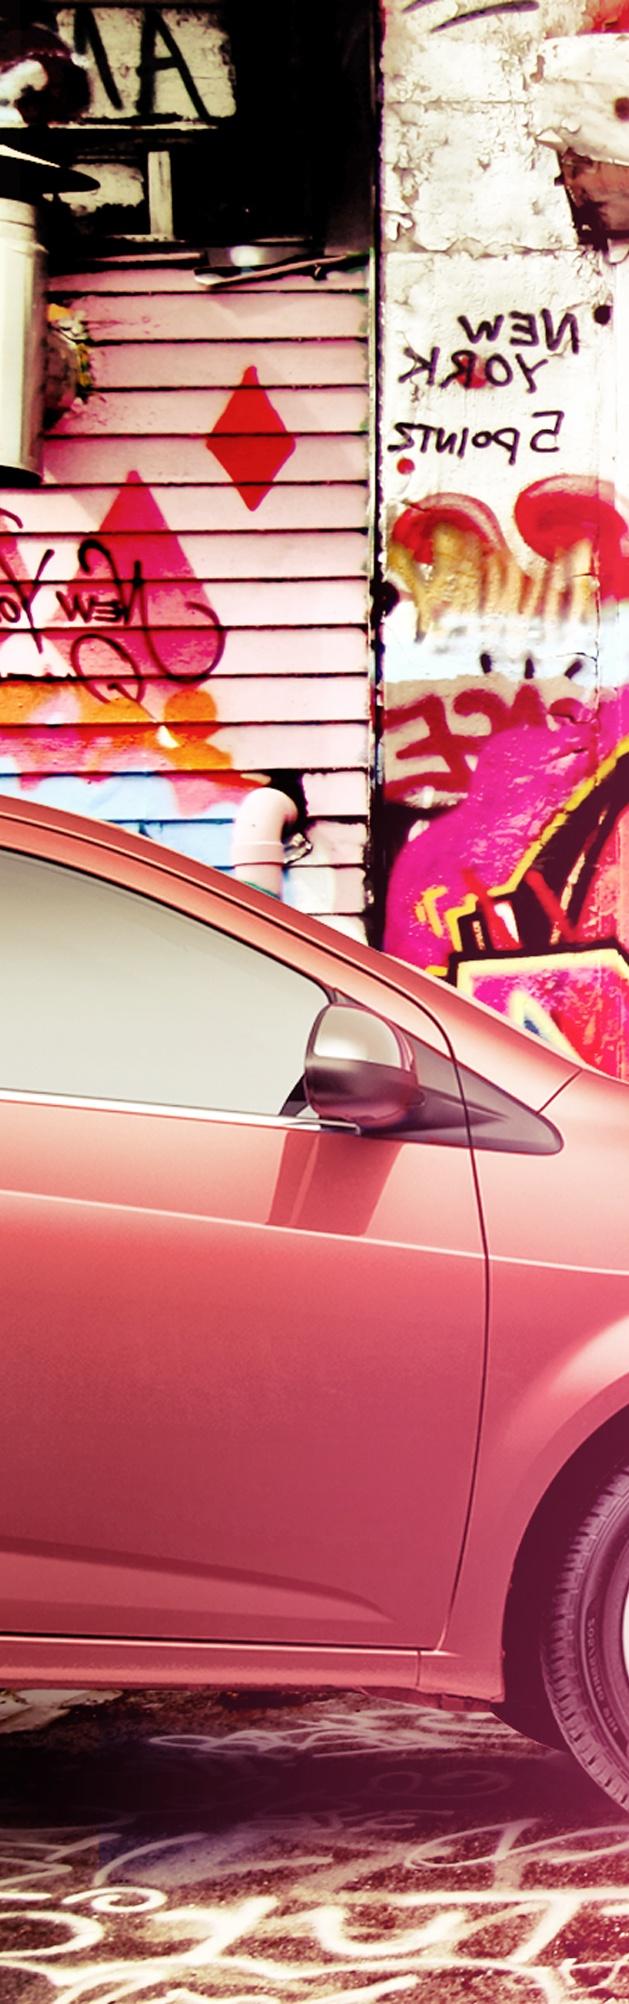 Foto 3. Completa la imagen y descubre más formas de vivir la aventura. #ChevroletSonicLlego